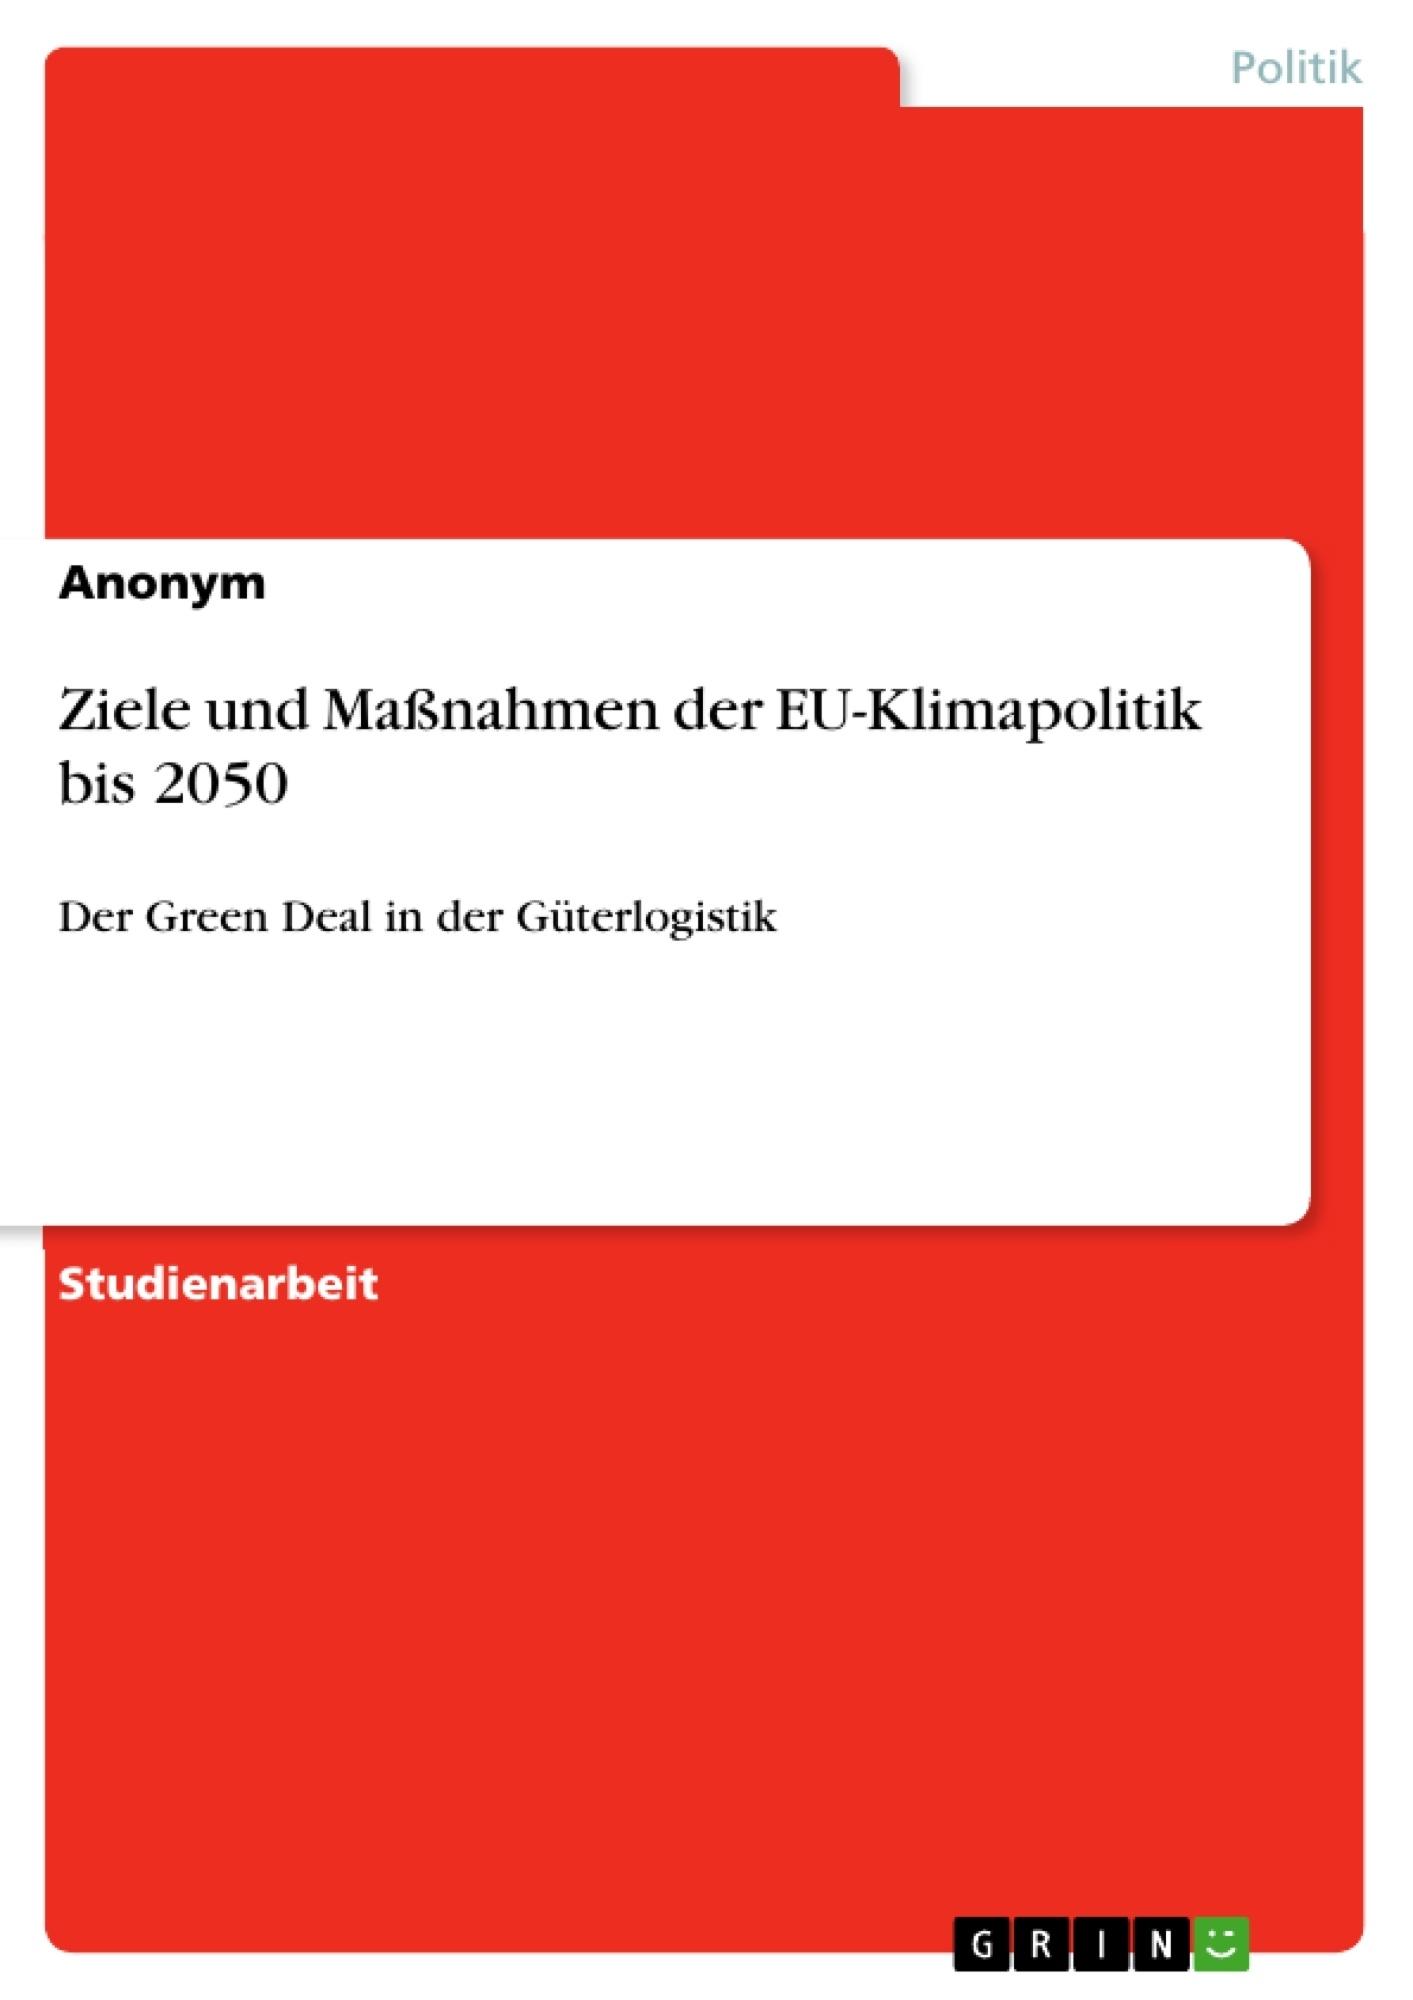 Titel: Ziele und Maßnahmen der EU-Klimapolitik bis 2050